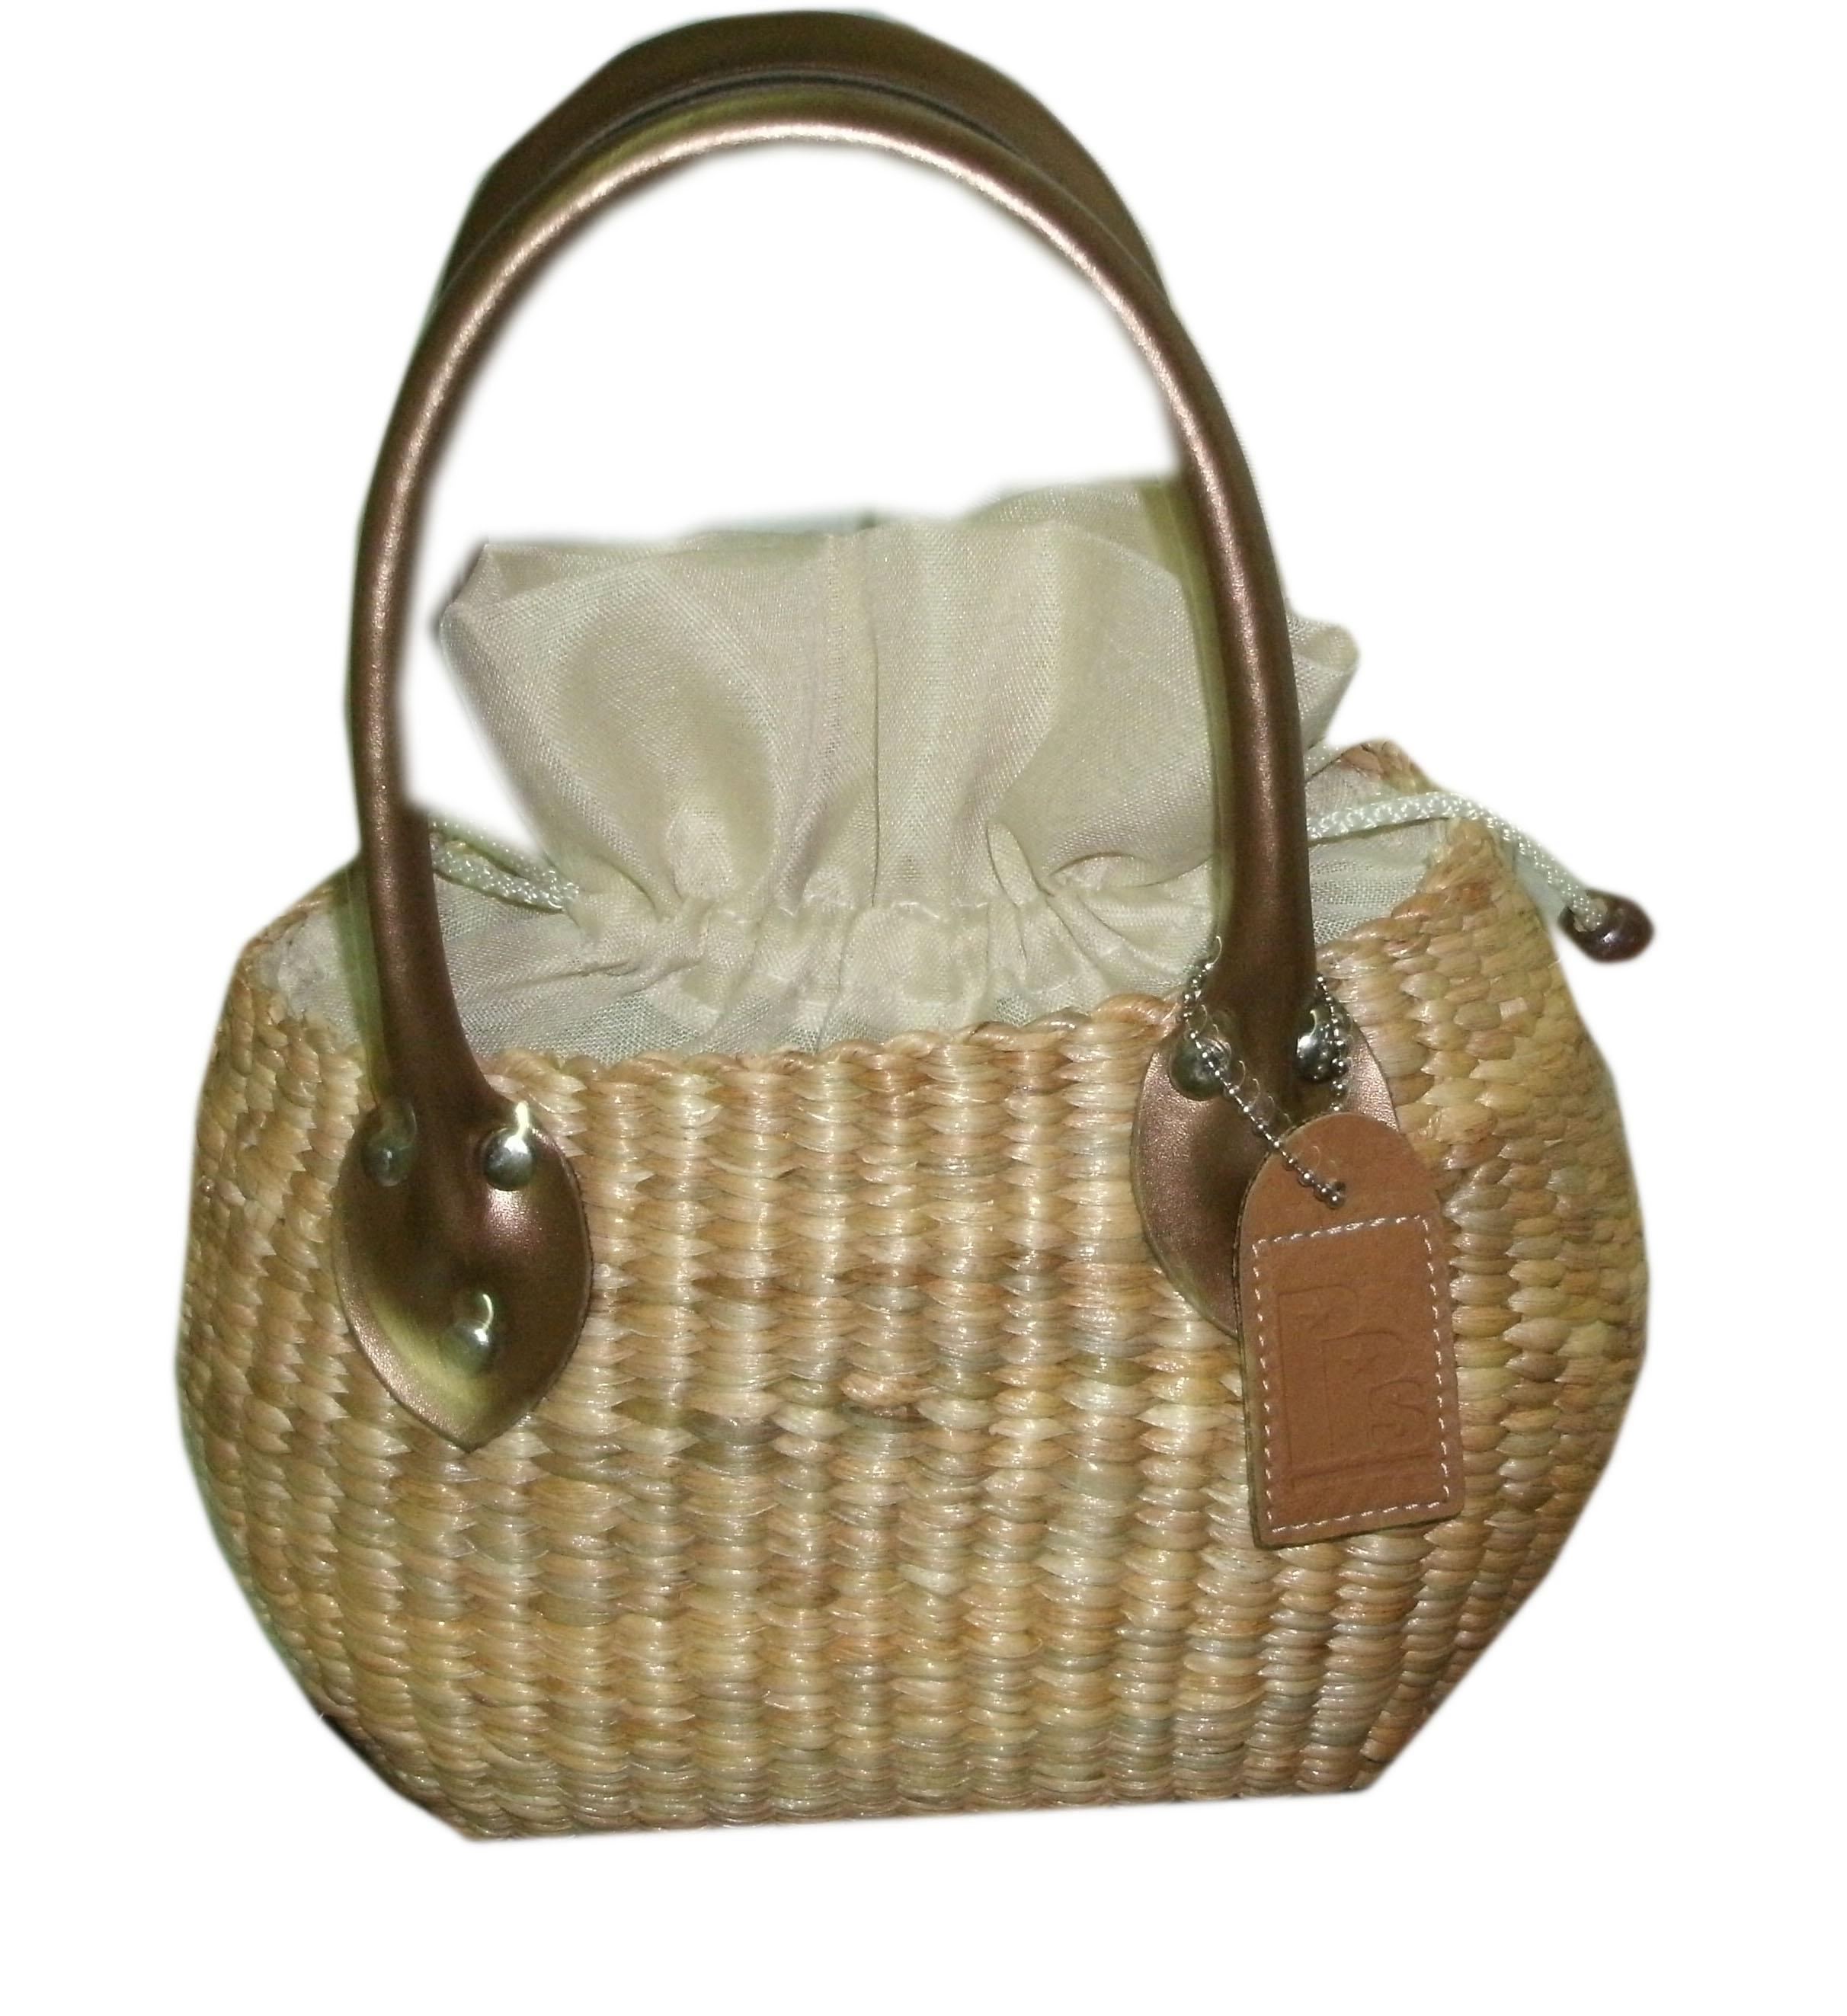 Hyacinth Bag-PPS Bag brand 23